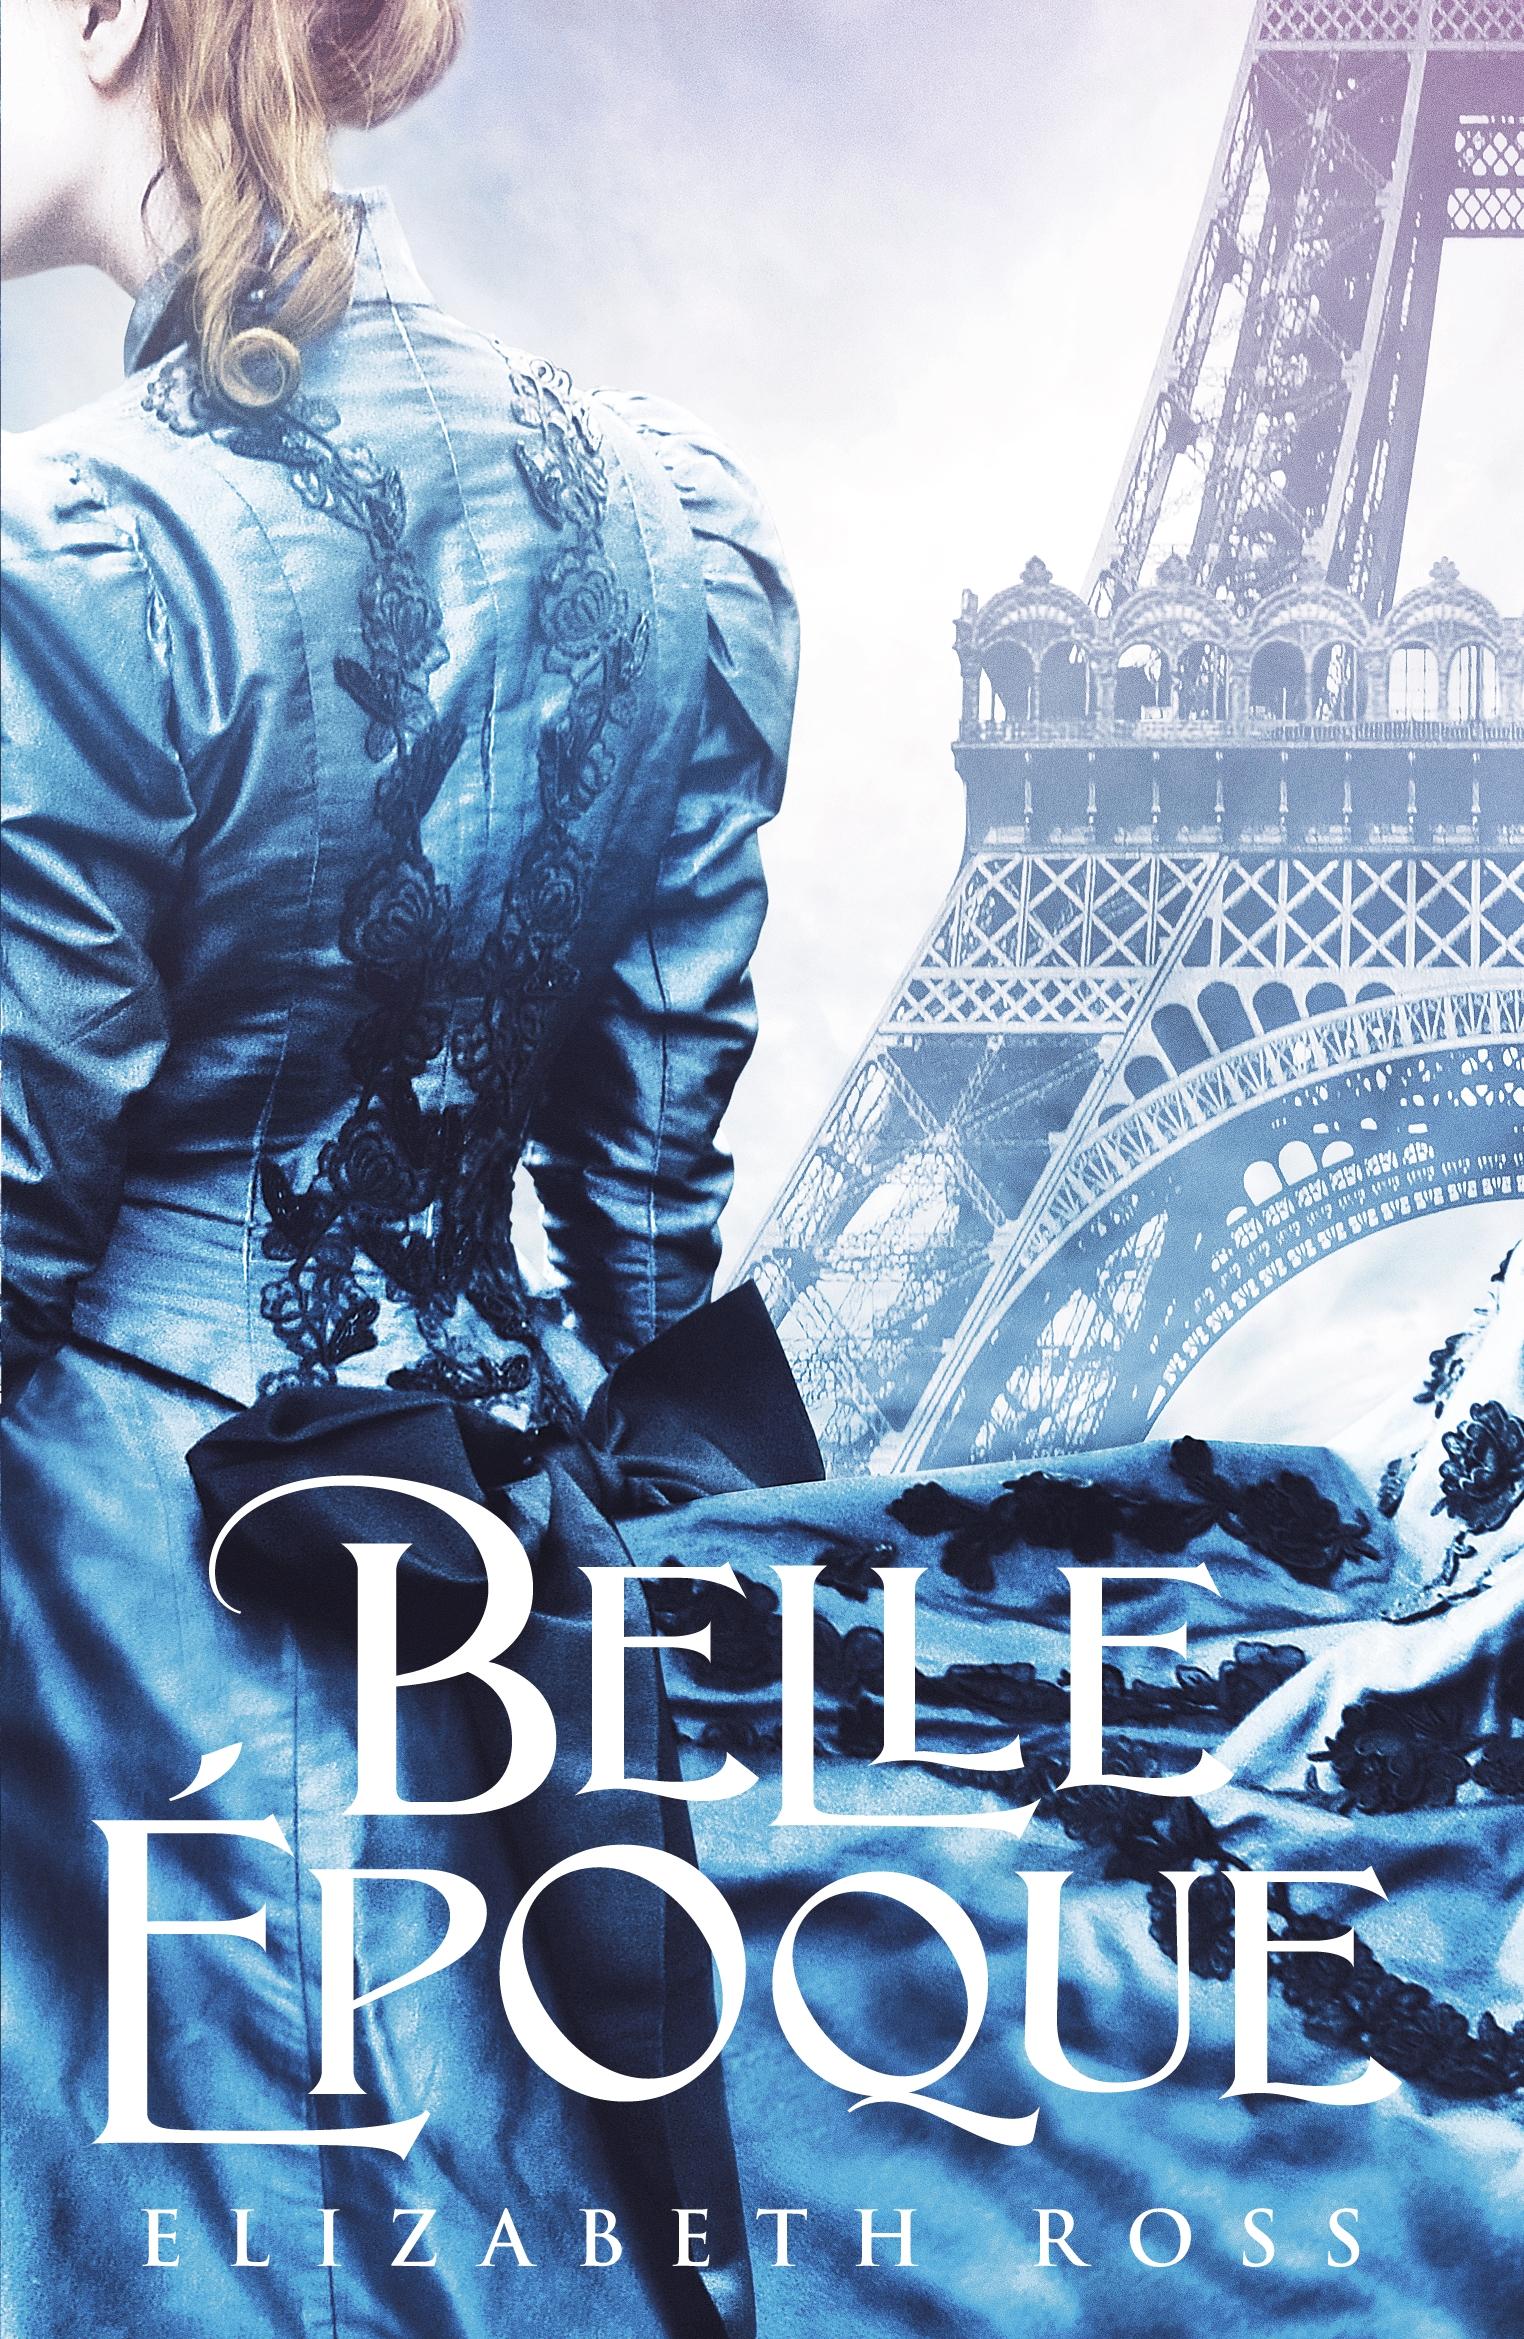 Belle Époque by Elizabeth Ross